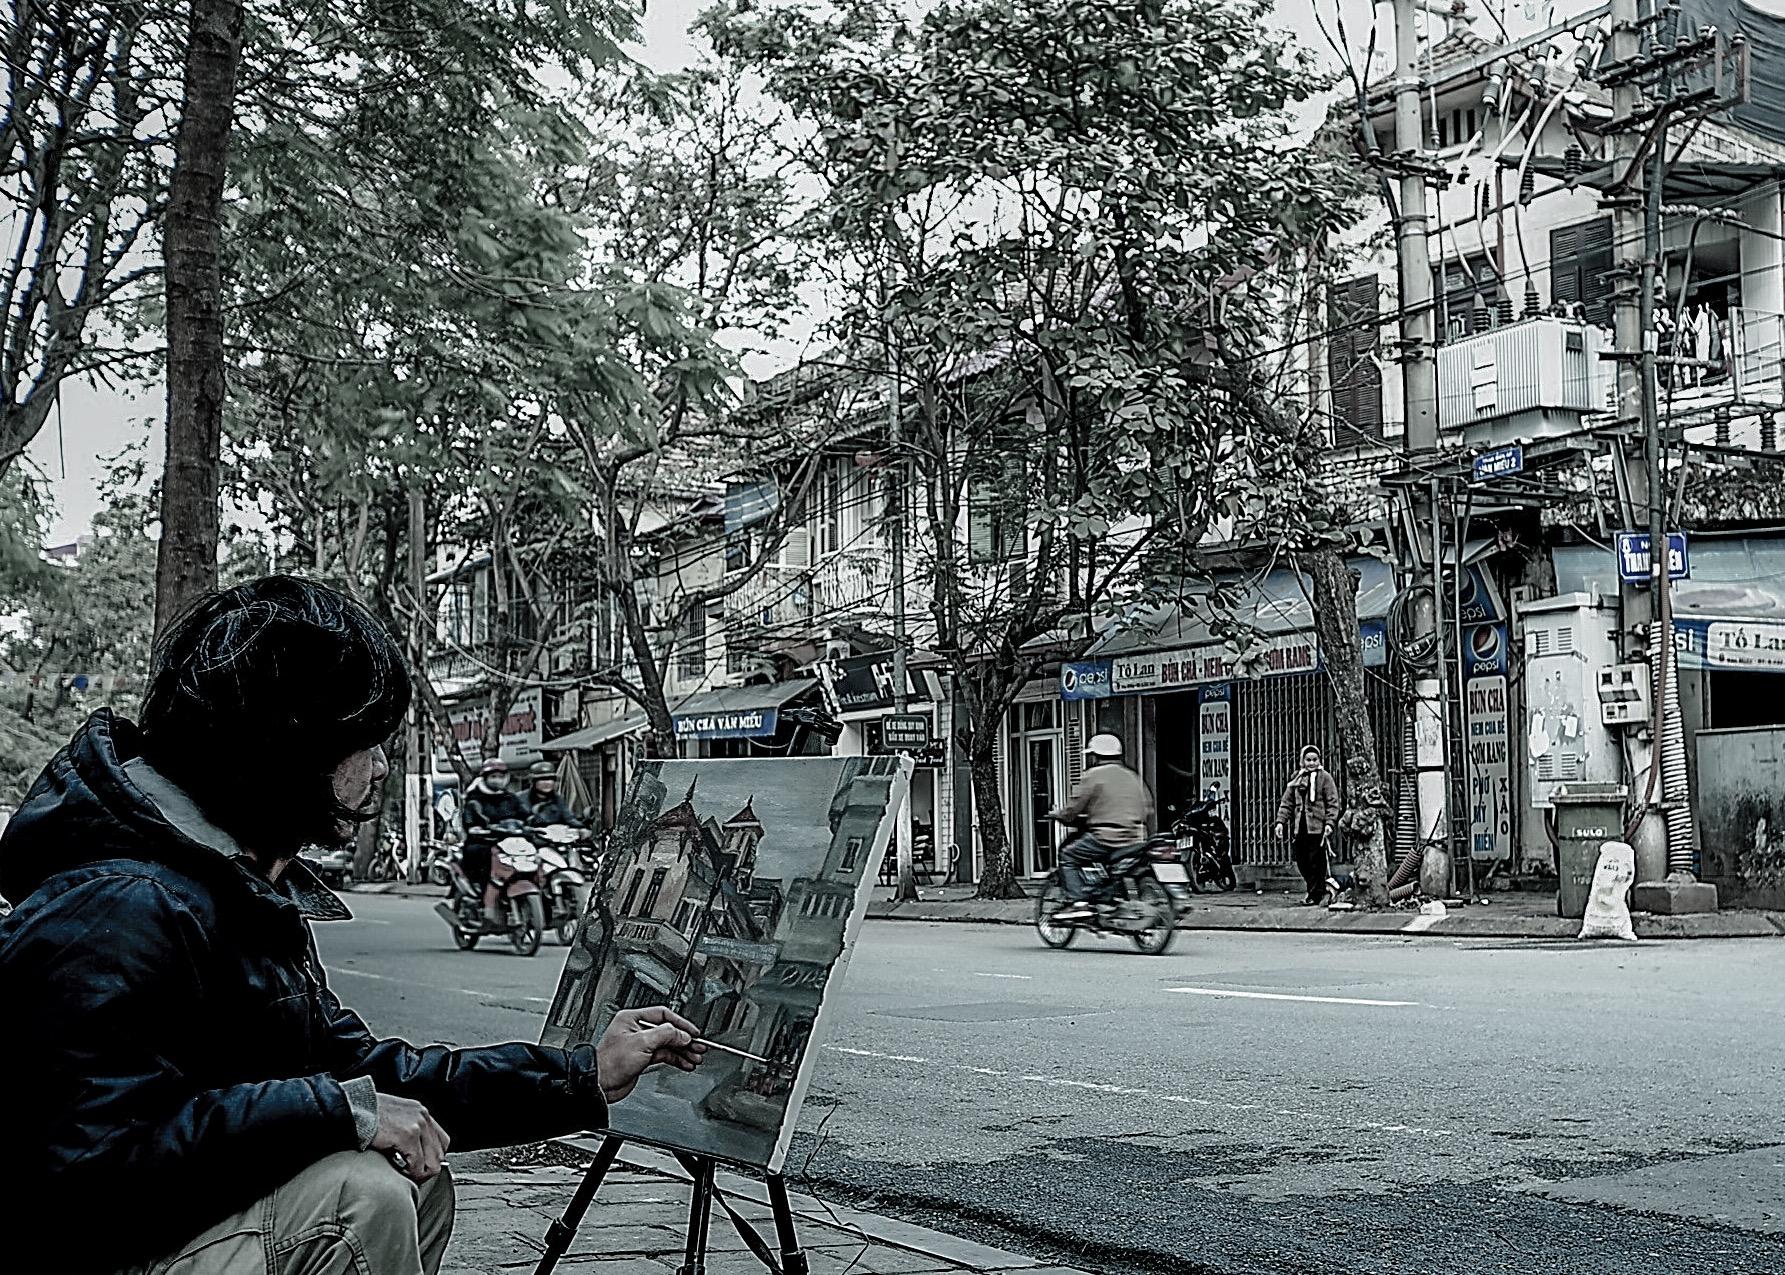 Hà Nội sống chậm Ảnh: Trần Trọng Tỉnh